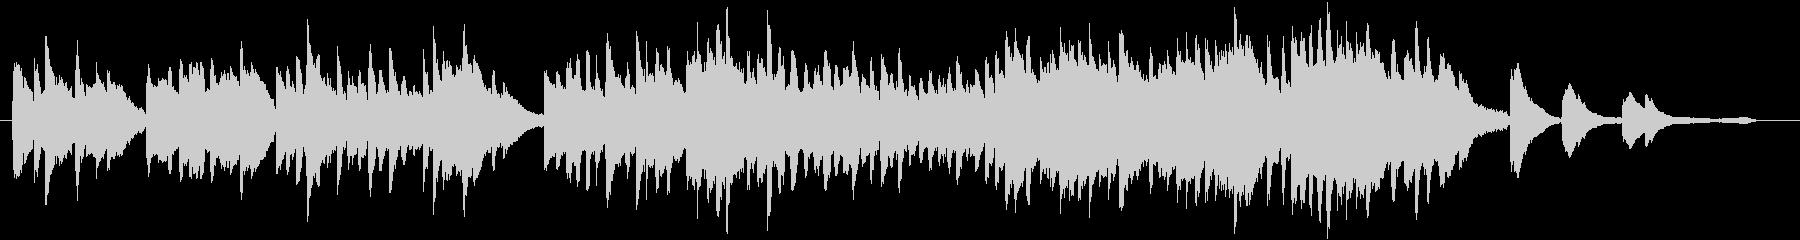 優しい揺れを感じるピアノソロの未再生の波形